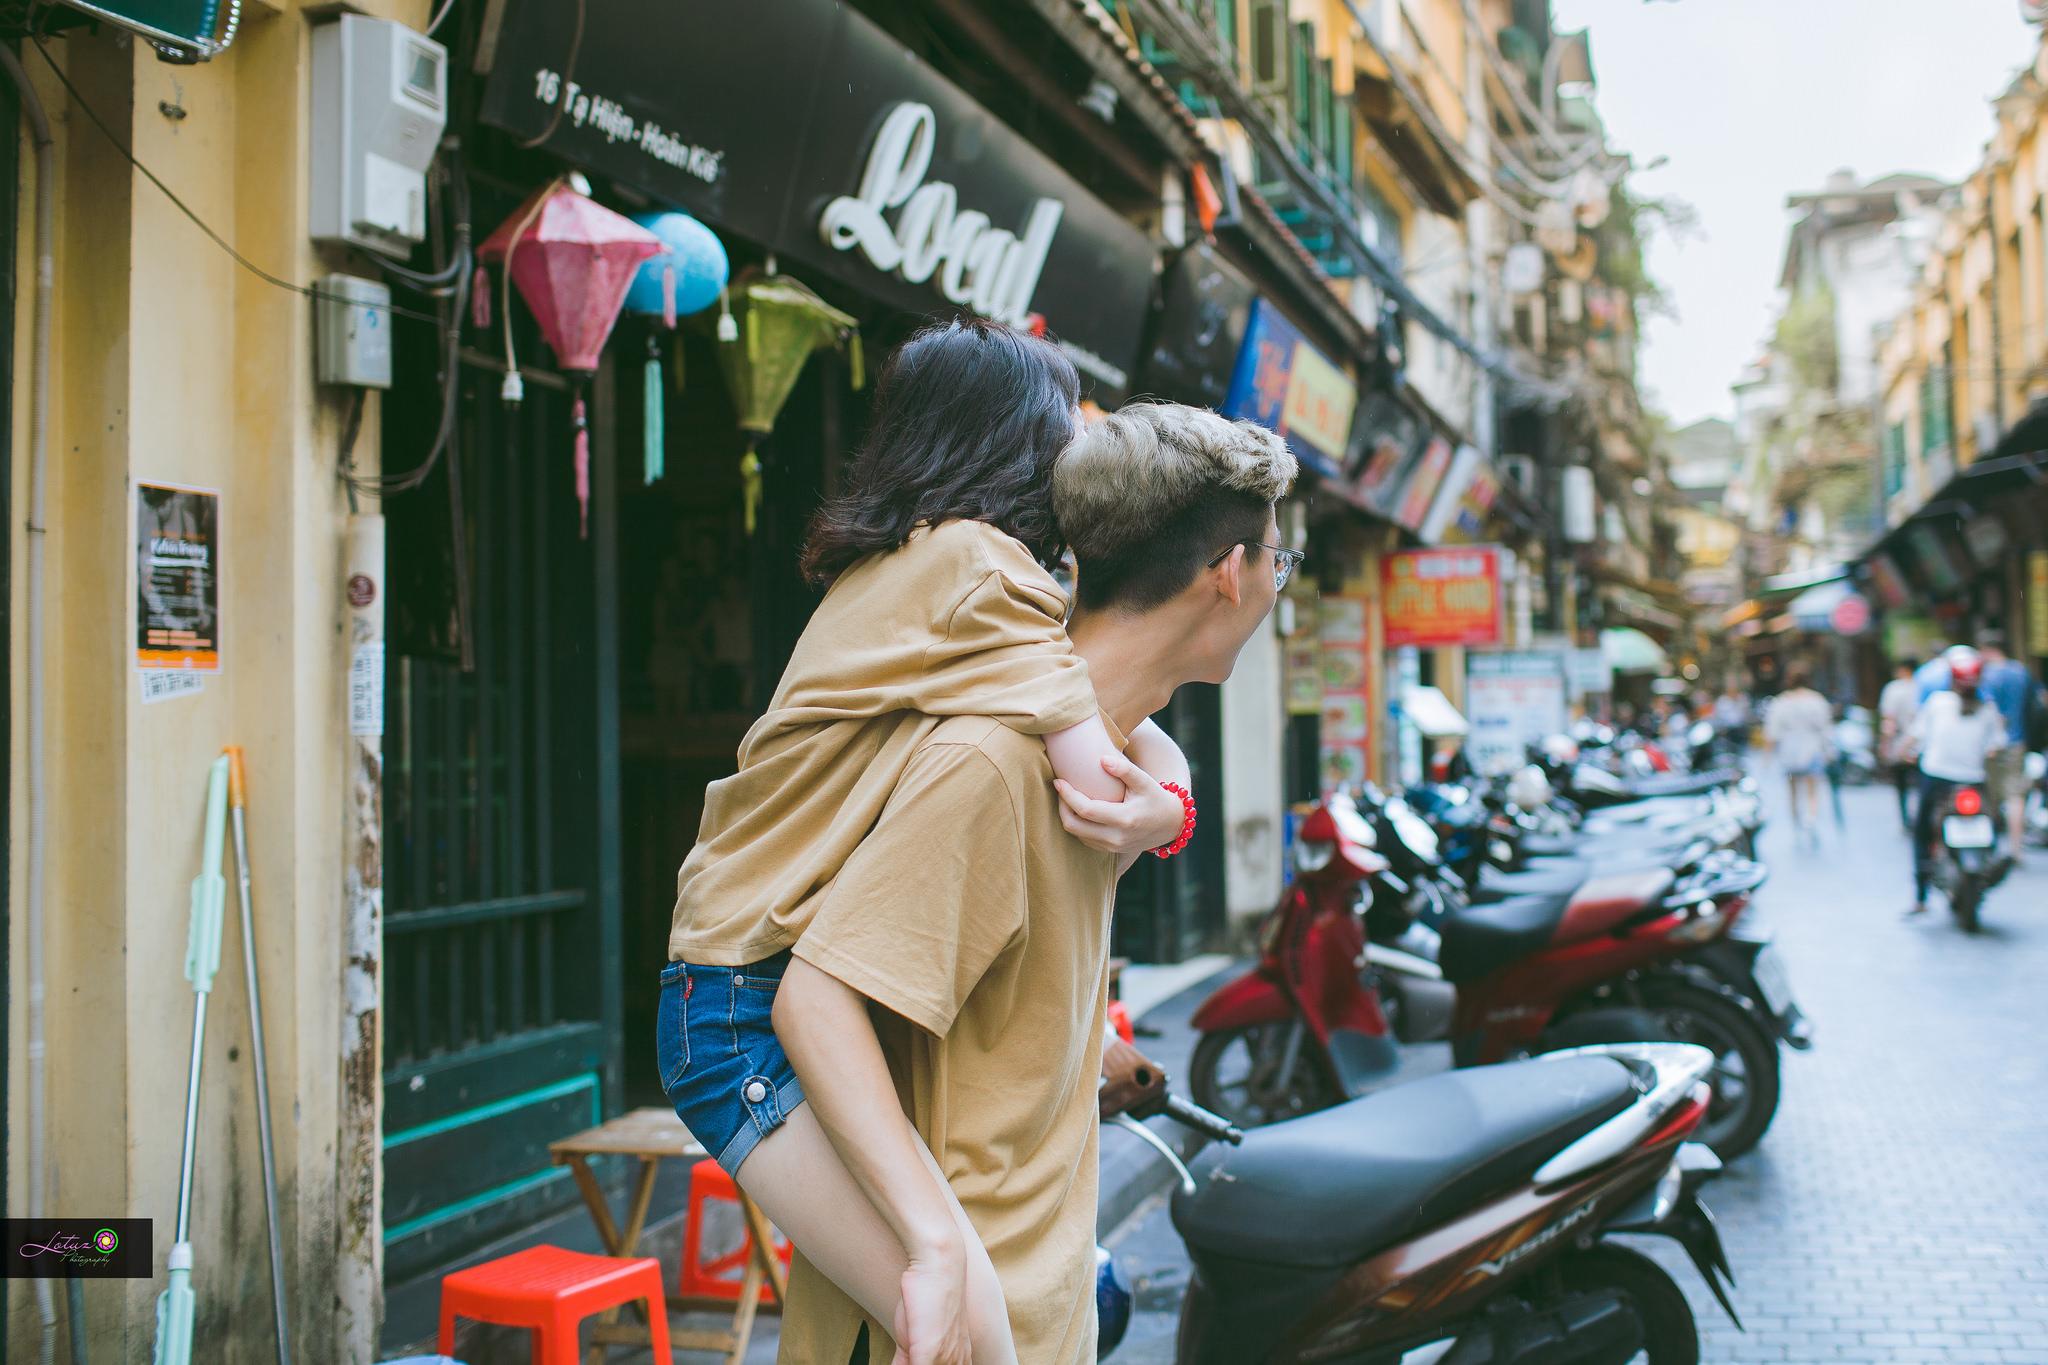 Từ bộ ảnh nàng 1m48 yêu chàng 1m80 gây sốt: Có một chuyện tình cọc đi tìm trâu rất đáng yêu - Ảnh 4.